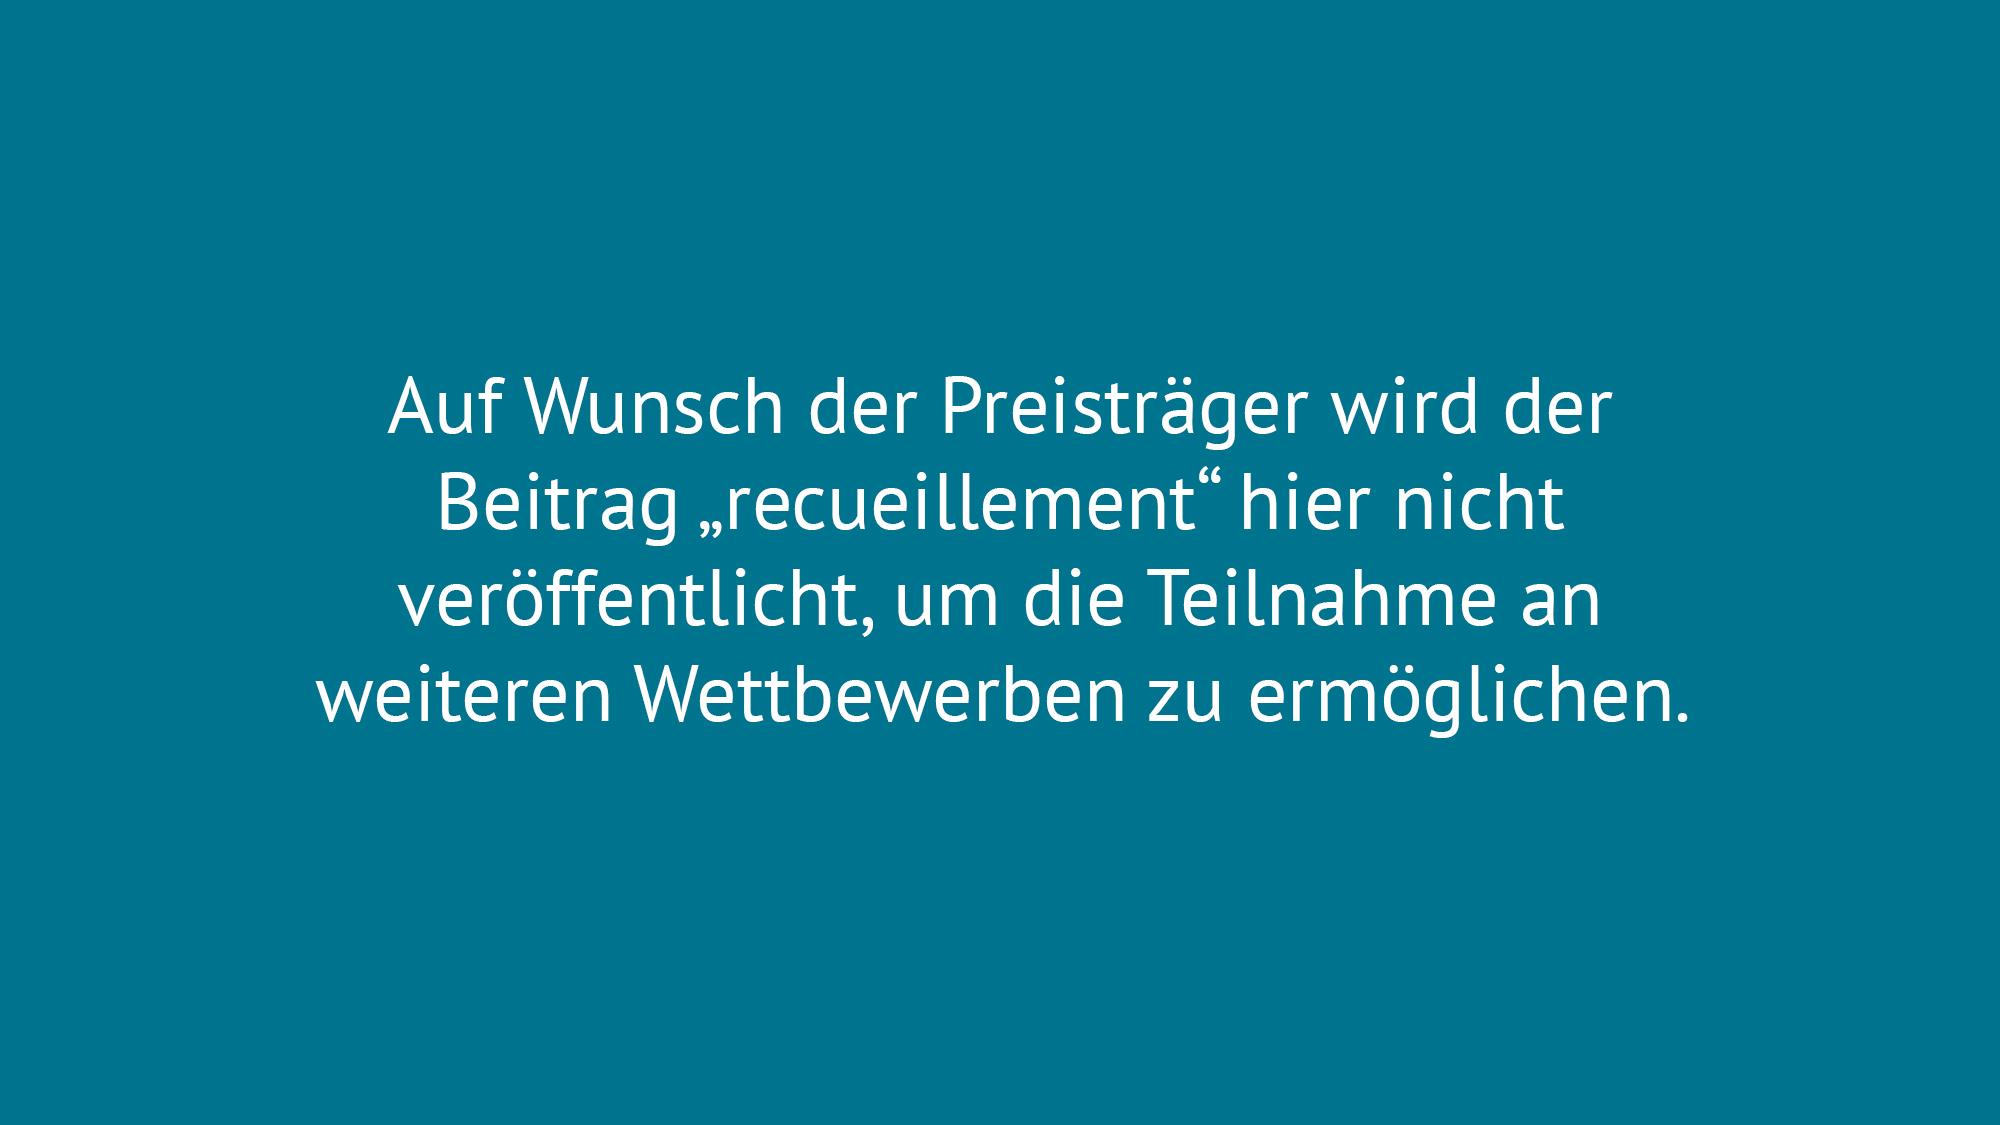 """Auf Wunsch der Preisträger wird der Beitrag """"recueillement"""" hier nicht veröffentlicht."""